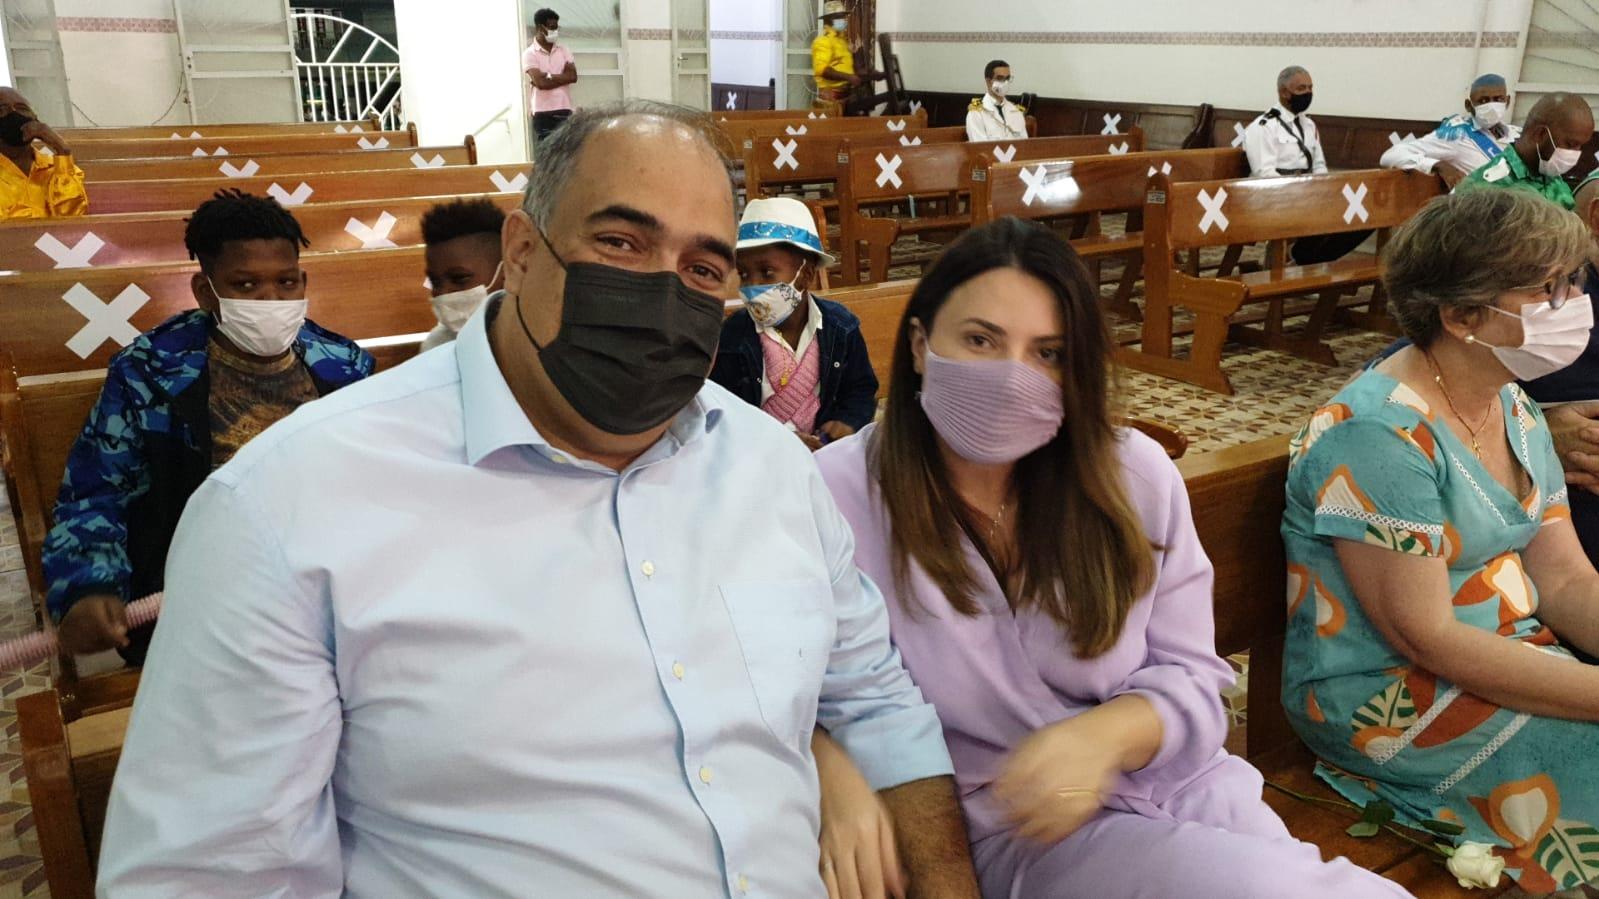 Luiz Sampaio e a esposa Sâmara na missa de Nossa Senhora do Rosário